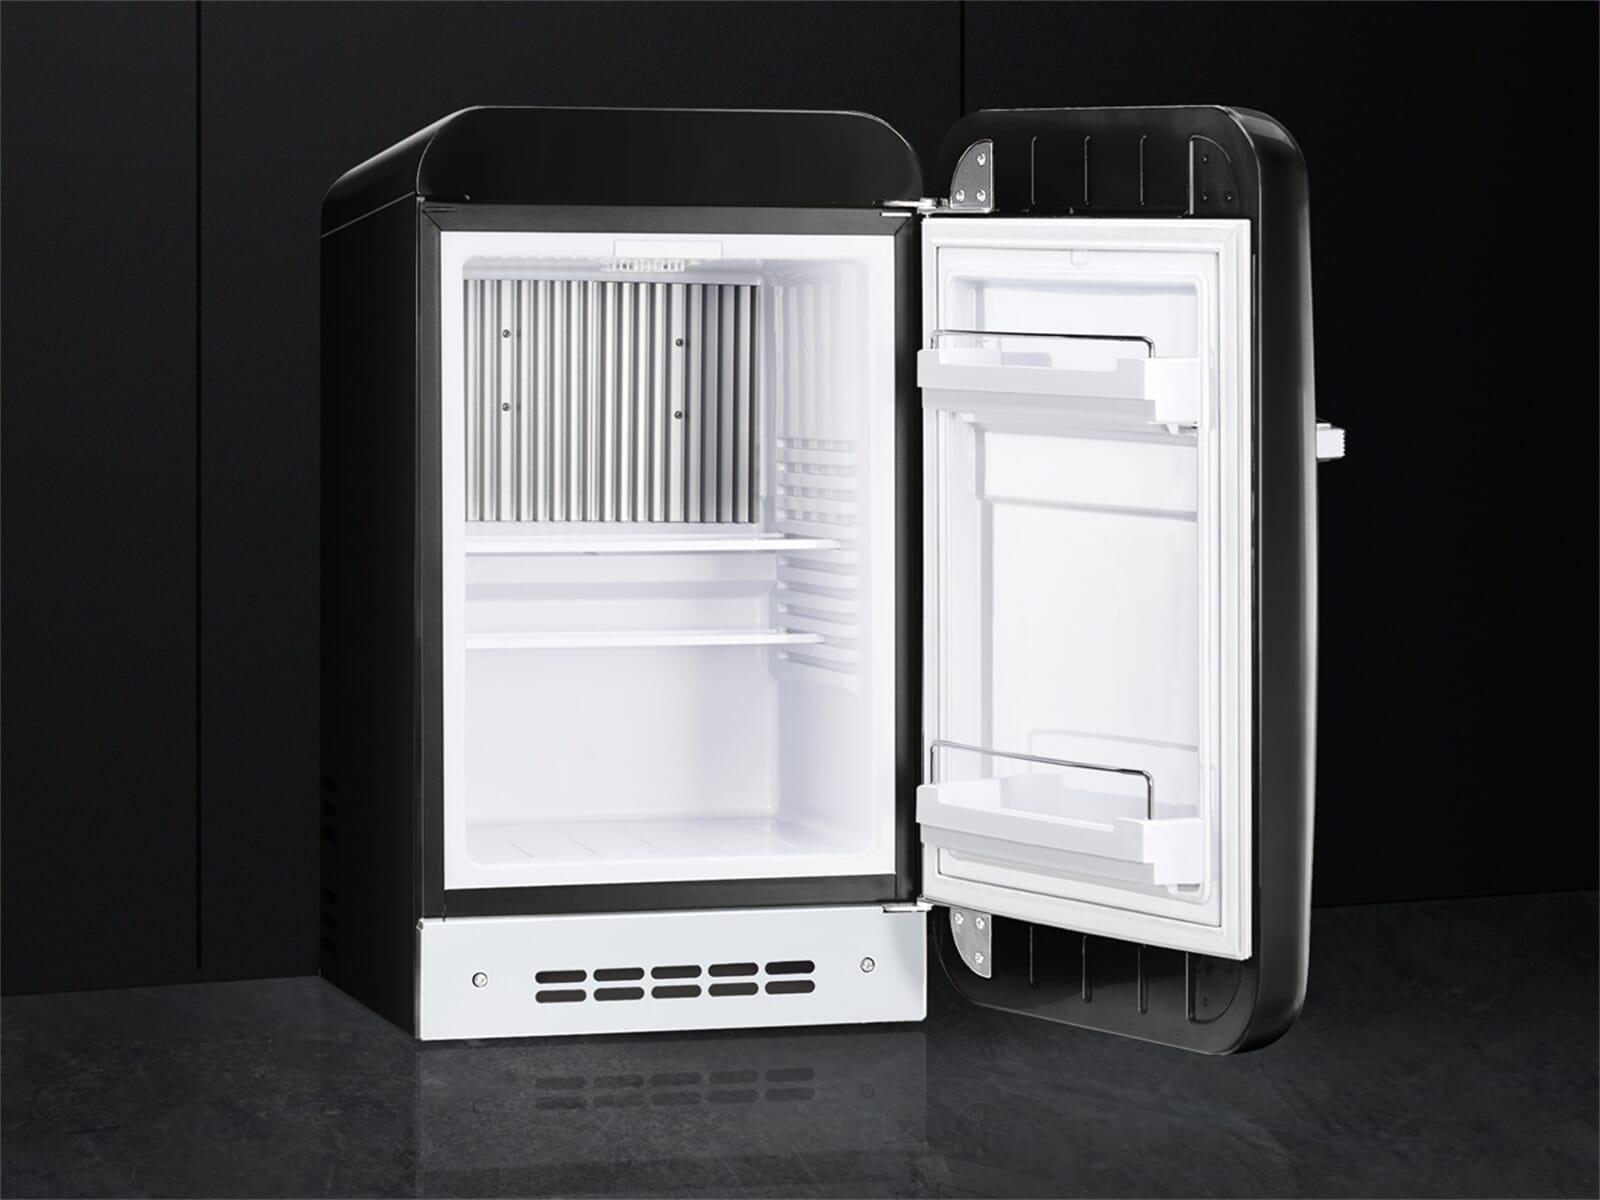 Gorenje Kühlschrank Laut : Smeg kühlschrank geräusche handleiding smeg fa 550 x pagina 19 van